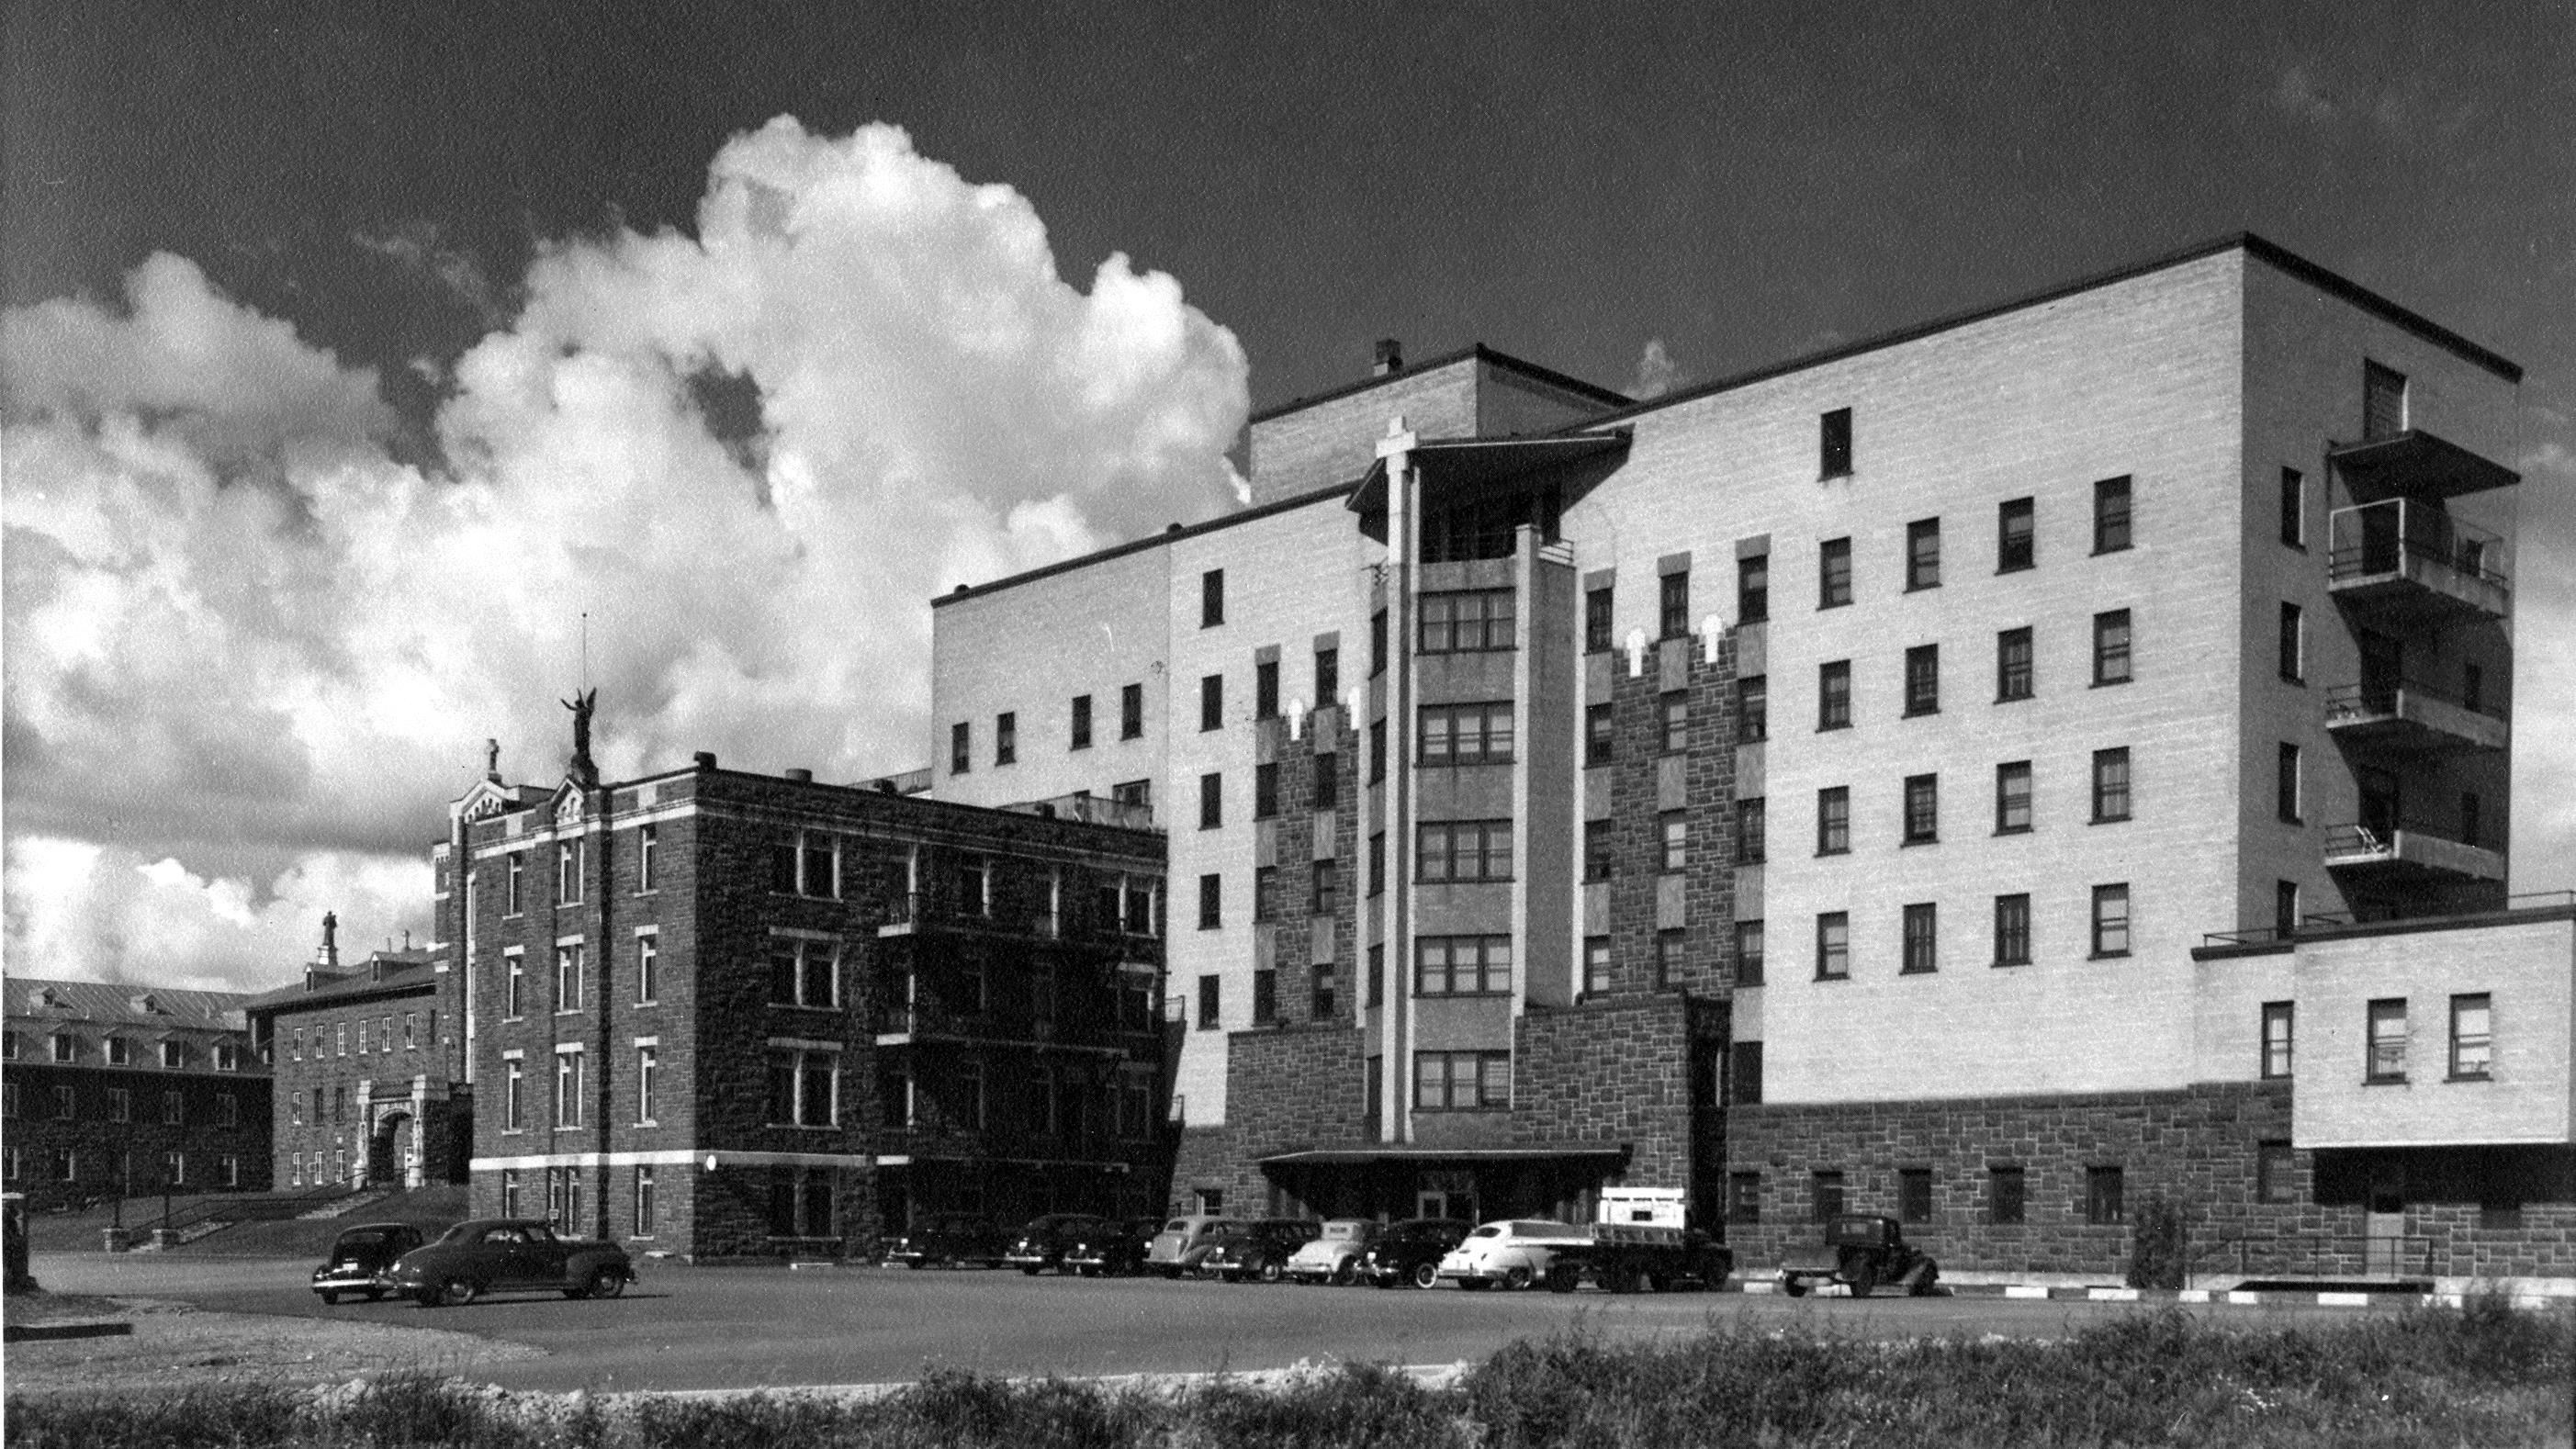 Hôpital de Chicoutimi dans les années 1950 ou 1960